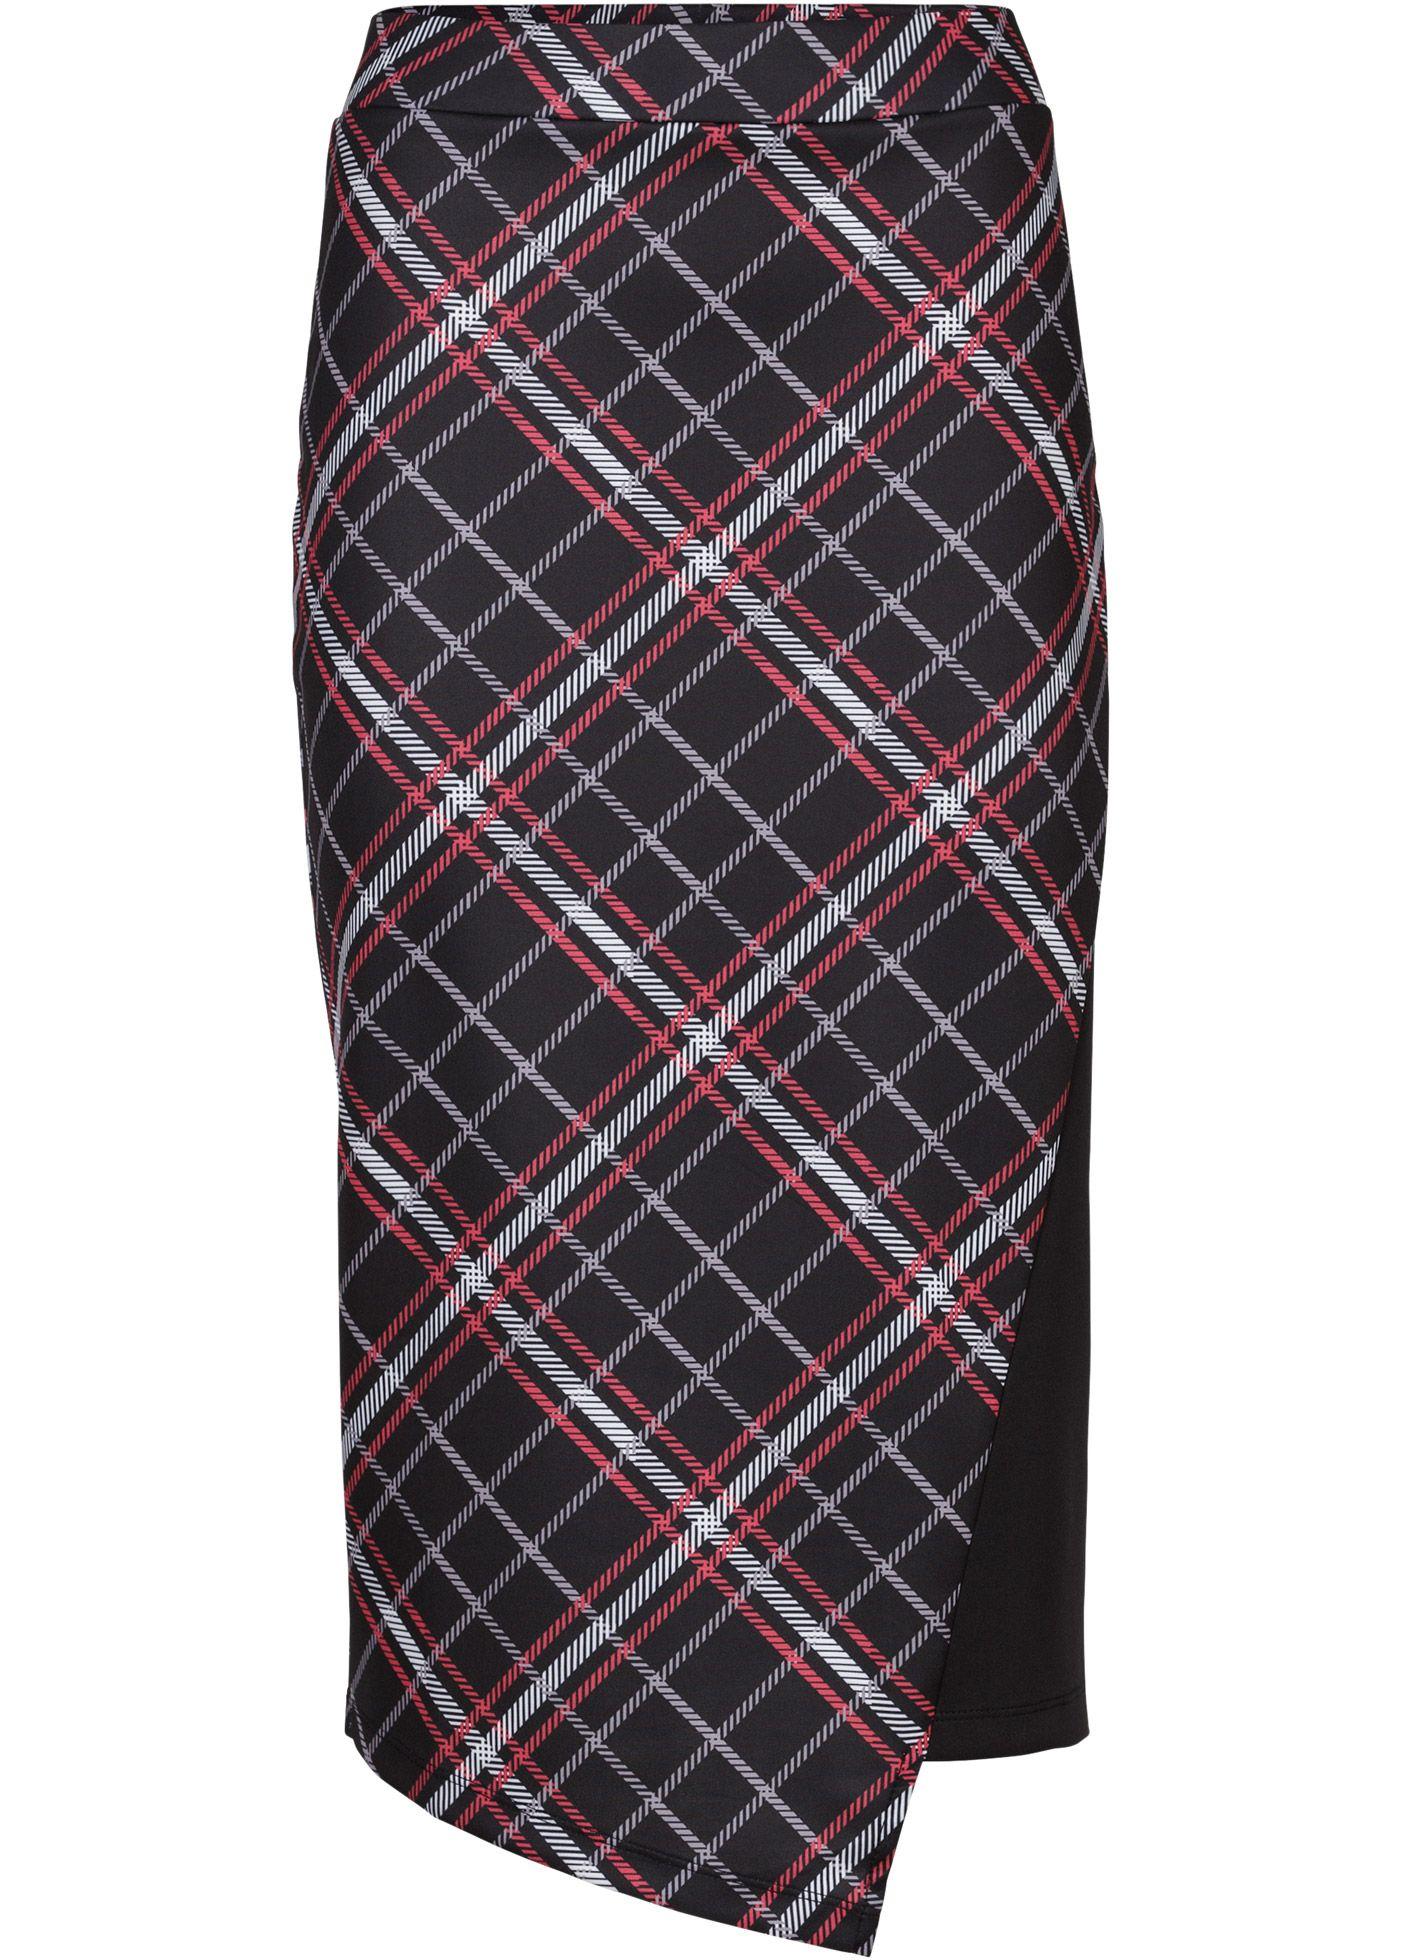 a45a407679b Клетчатая юбка черный красный в клетку - BODYFLIRT купить онлайн - bonprix .ru